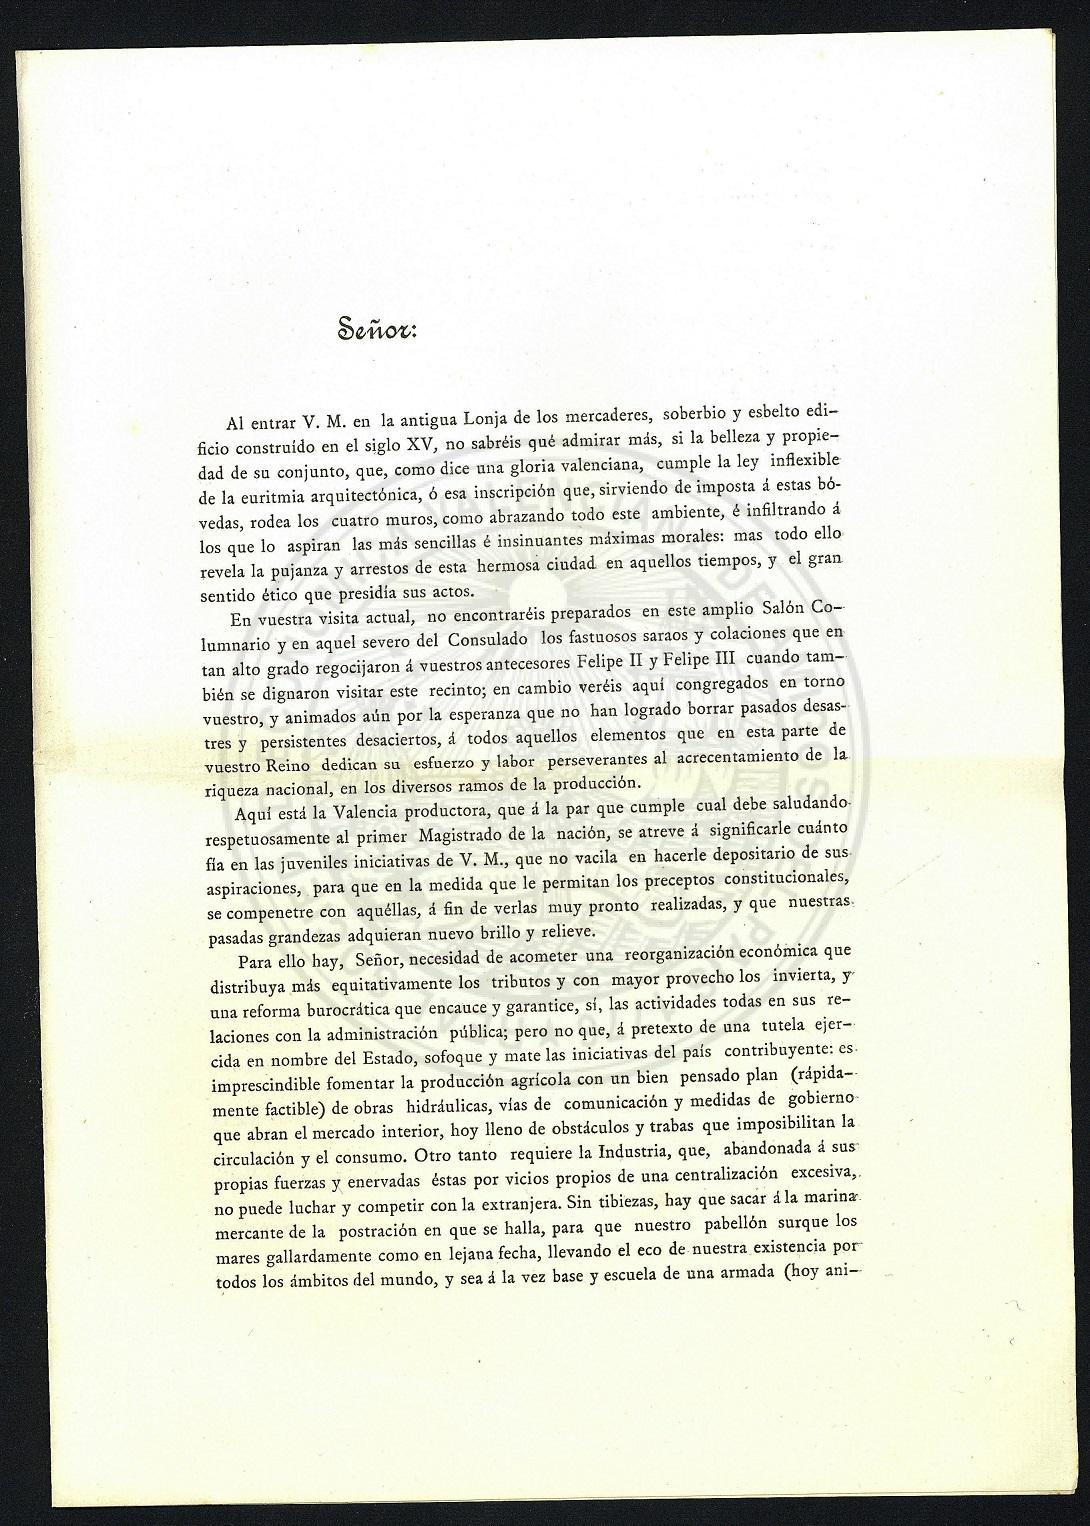 Página 2: Discurso lanzado a Su Majestad el Rey Alfonso XIII el 11 de abril de 1905 en la Lonja. Fuente: riunet.upv.es